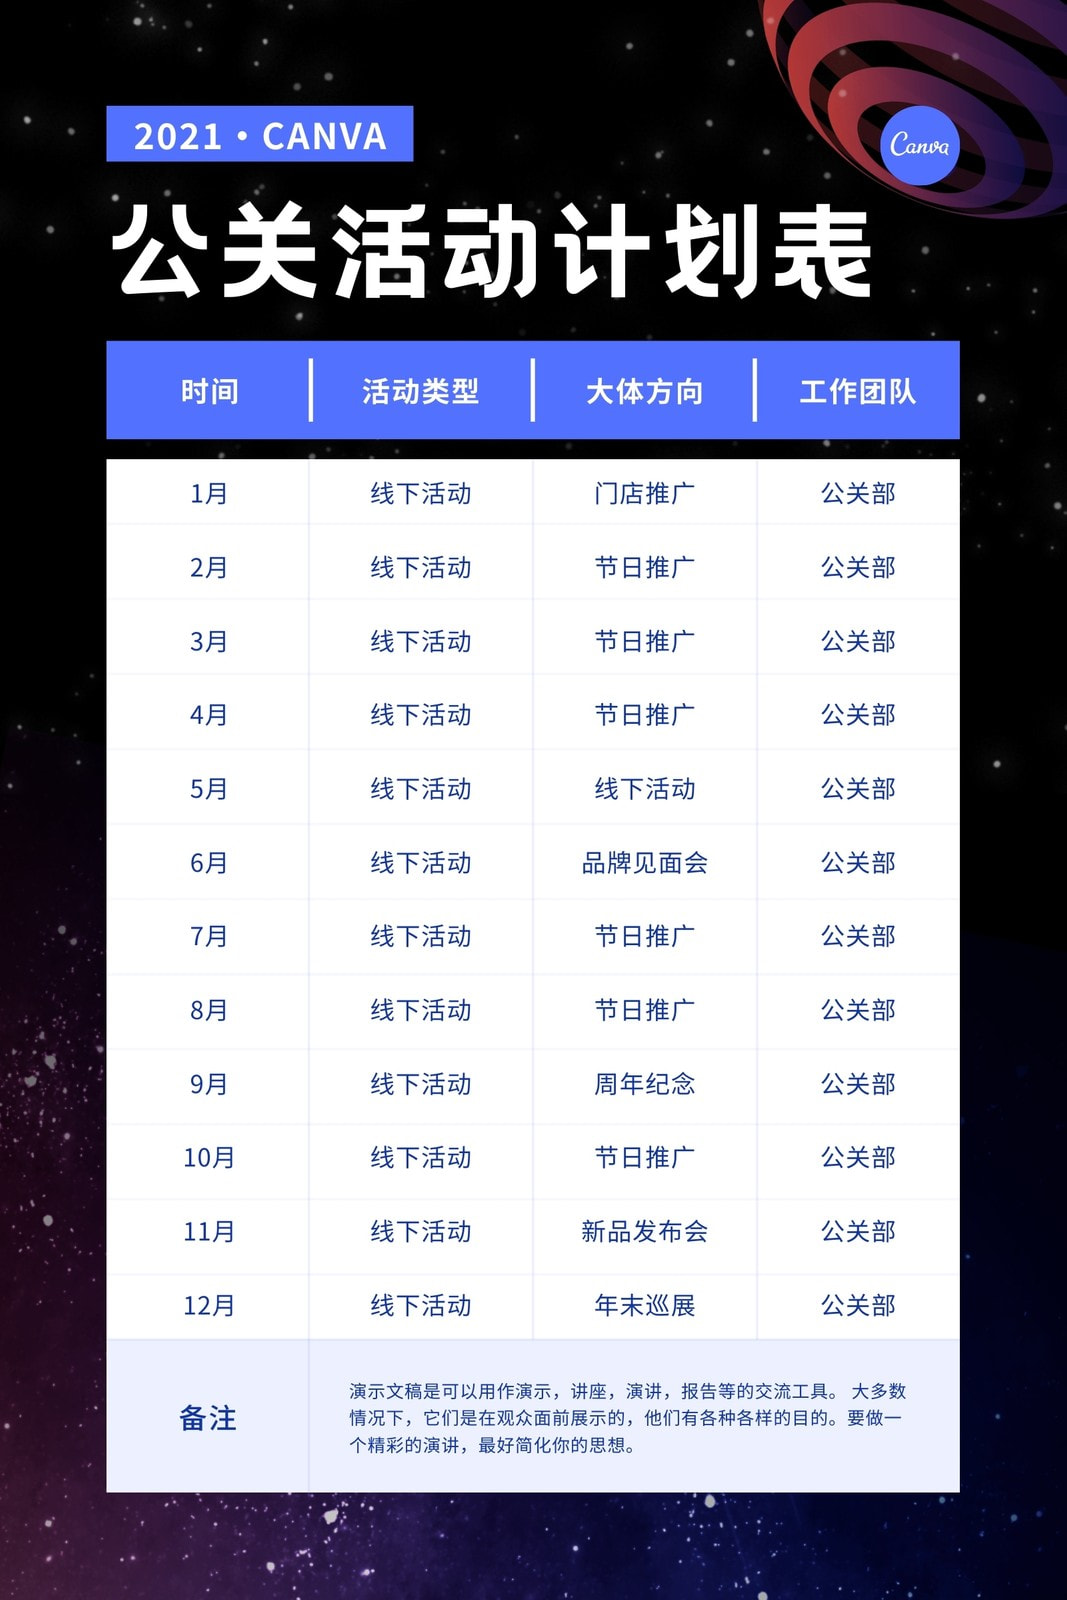 蓝红色抽象几何圆形线条渐变星空商务公关活动中文计划表